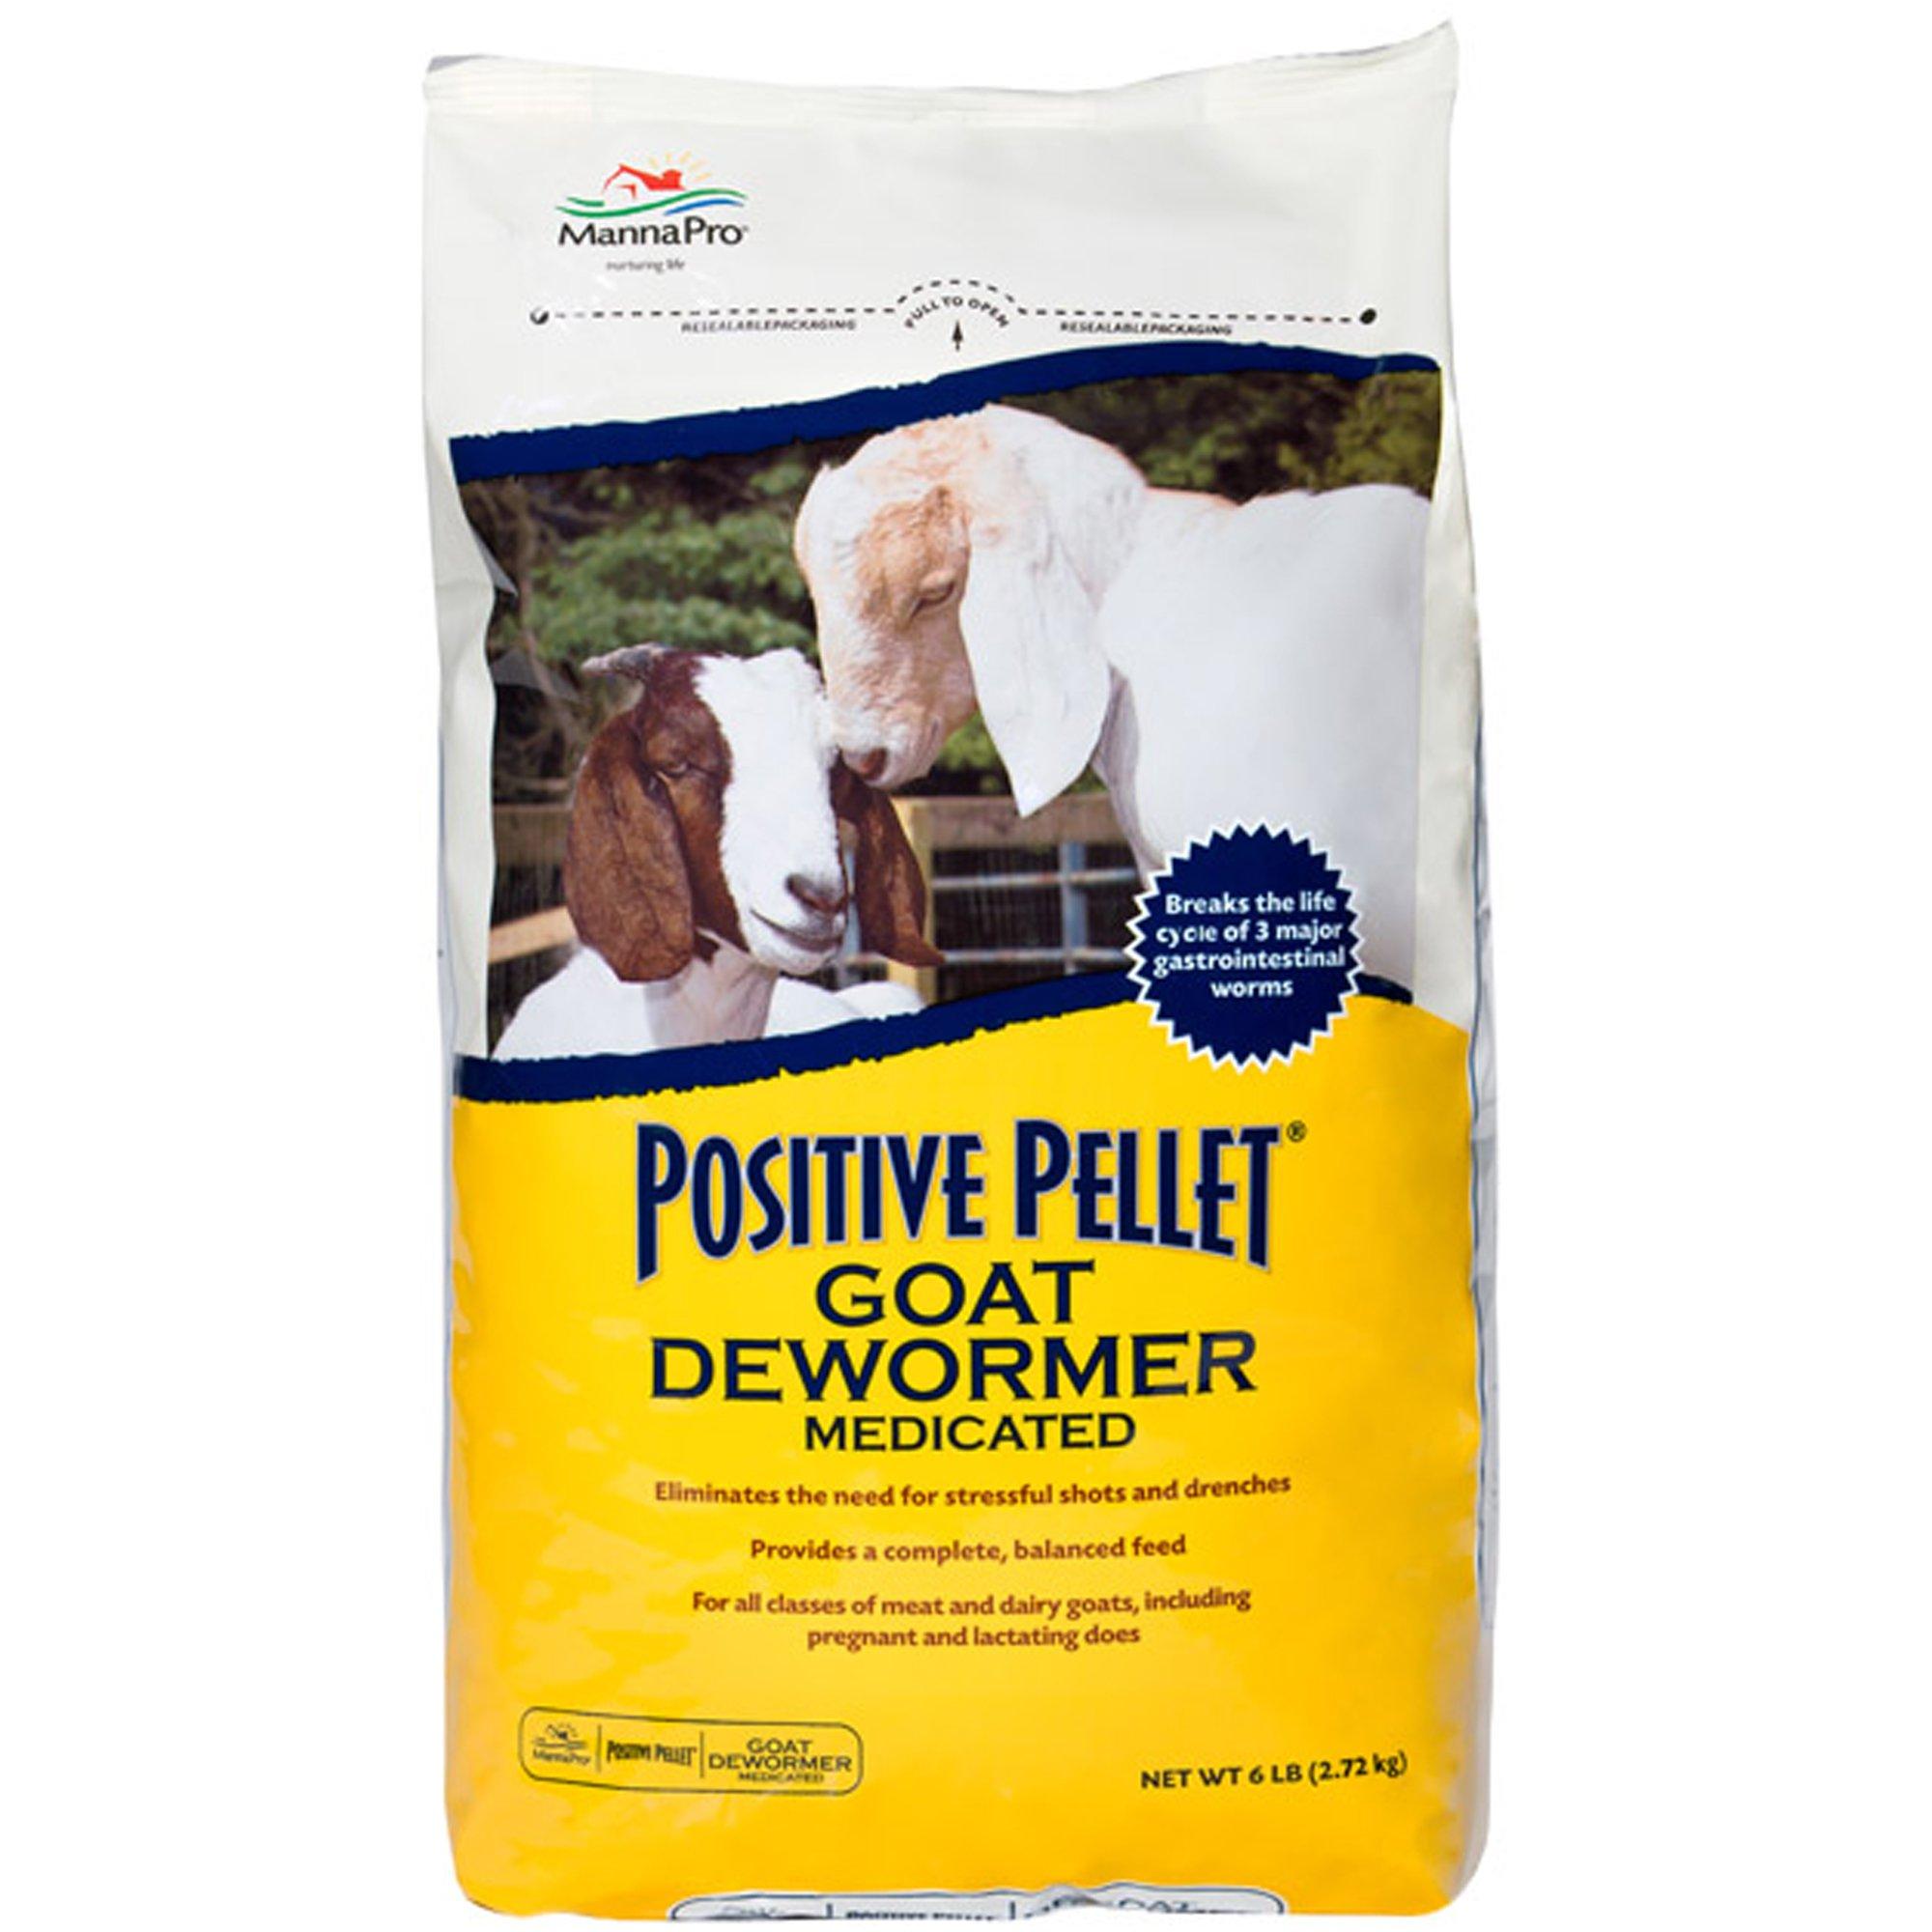 Manna Pro 1000327 Medicated Dewormer, 6-Pounds Positive Pellet Goat, 6 Pound by Manna Pro